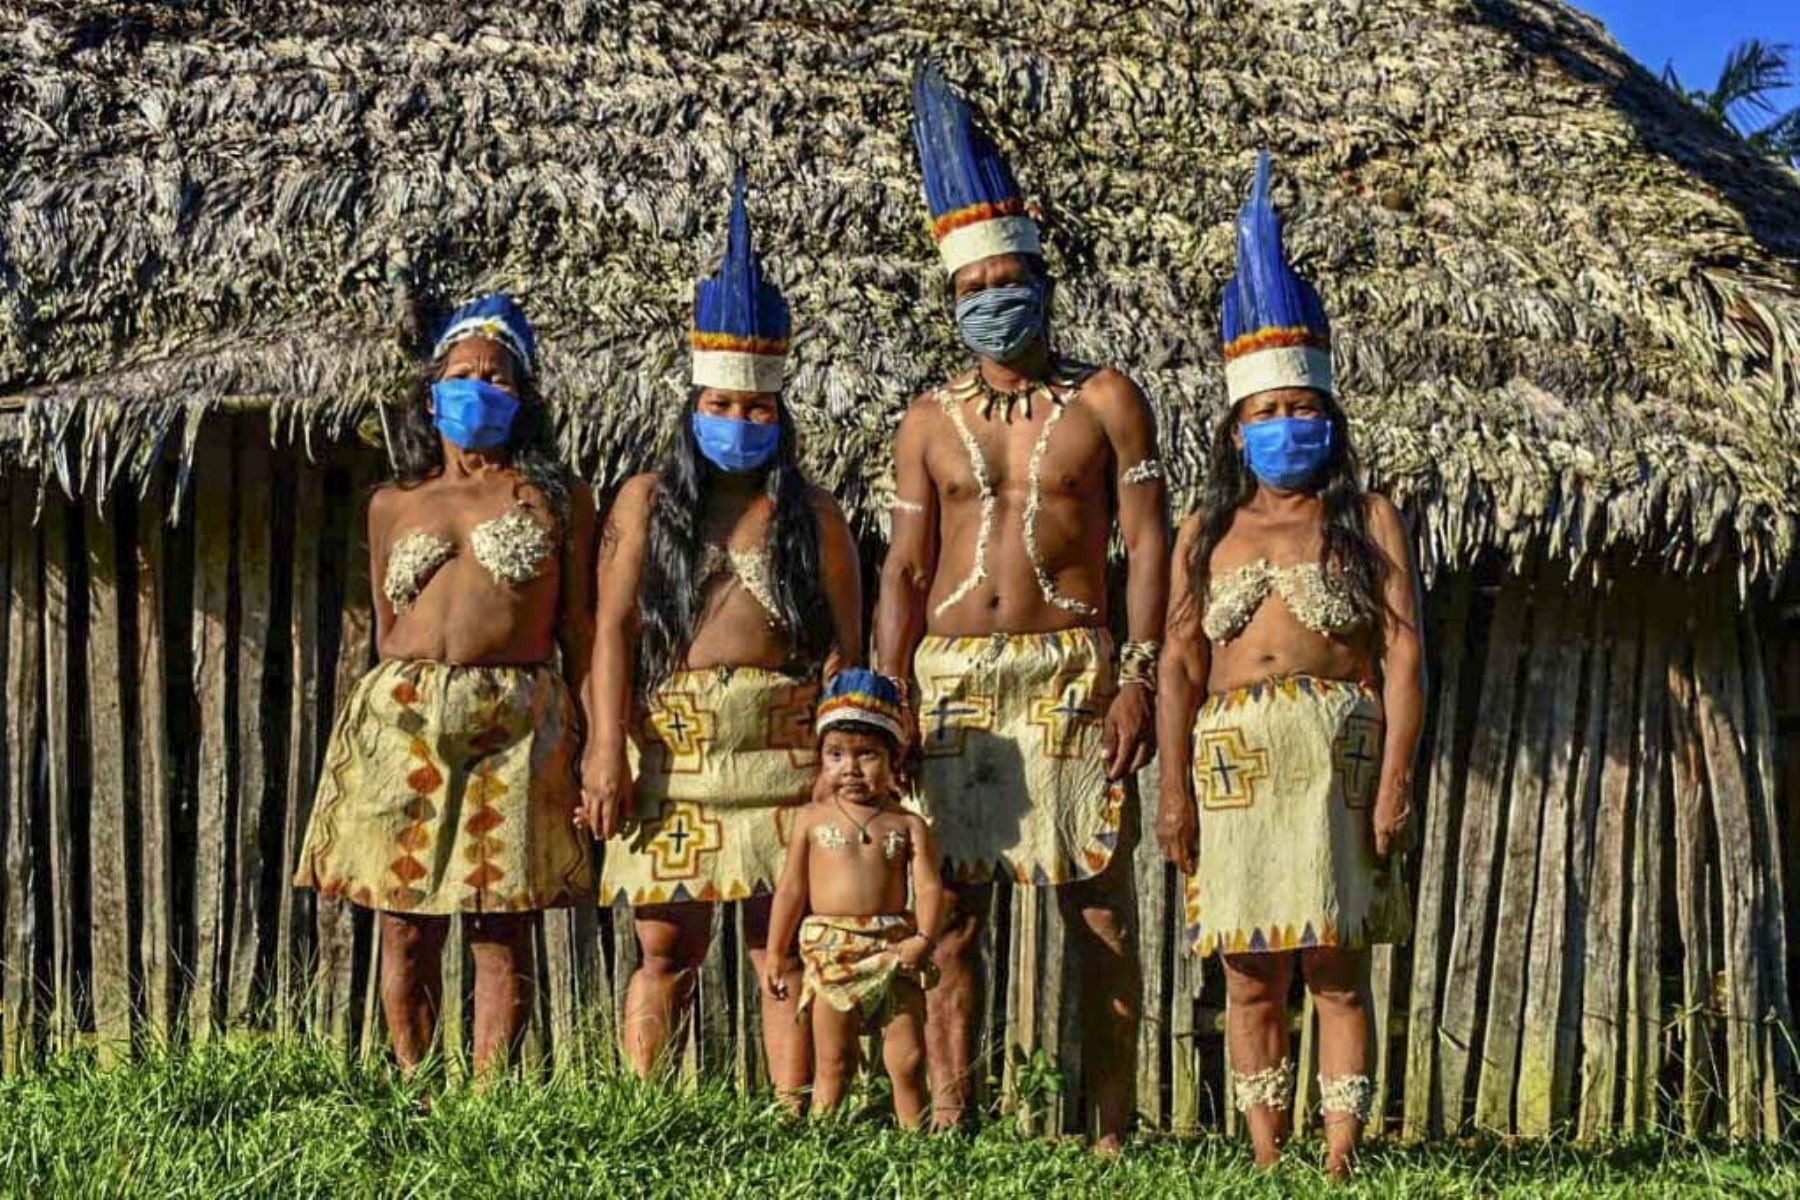 Los indígenas colombianos Huitoto posan con máscaras faciales, en medio de las preocupaciones por el coronavirus covid -19, en Leticia, departamento de Amazonas, Colombia. Foto: AFP